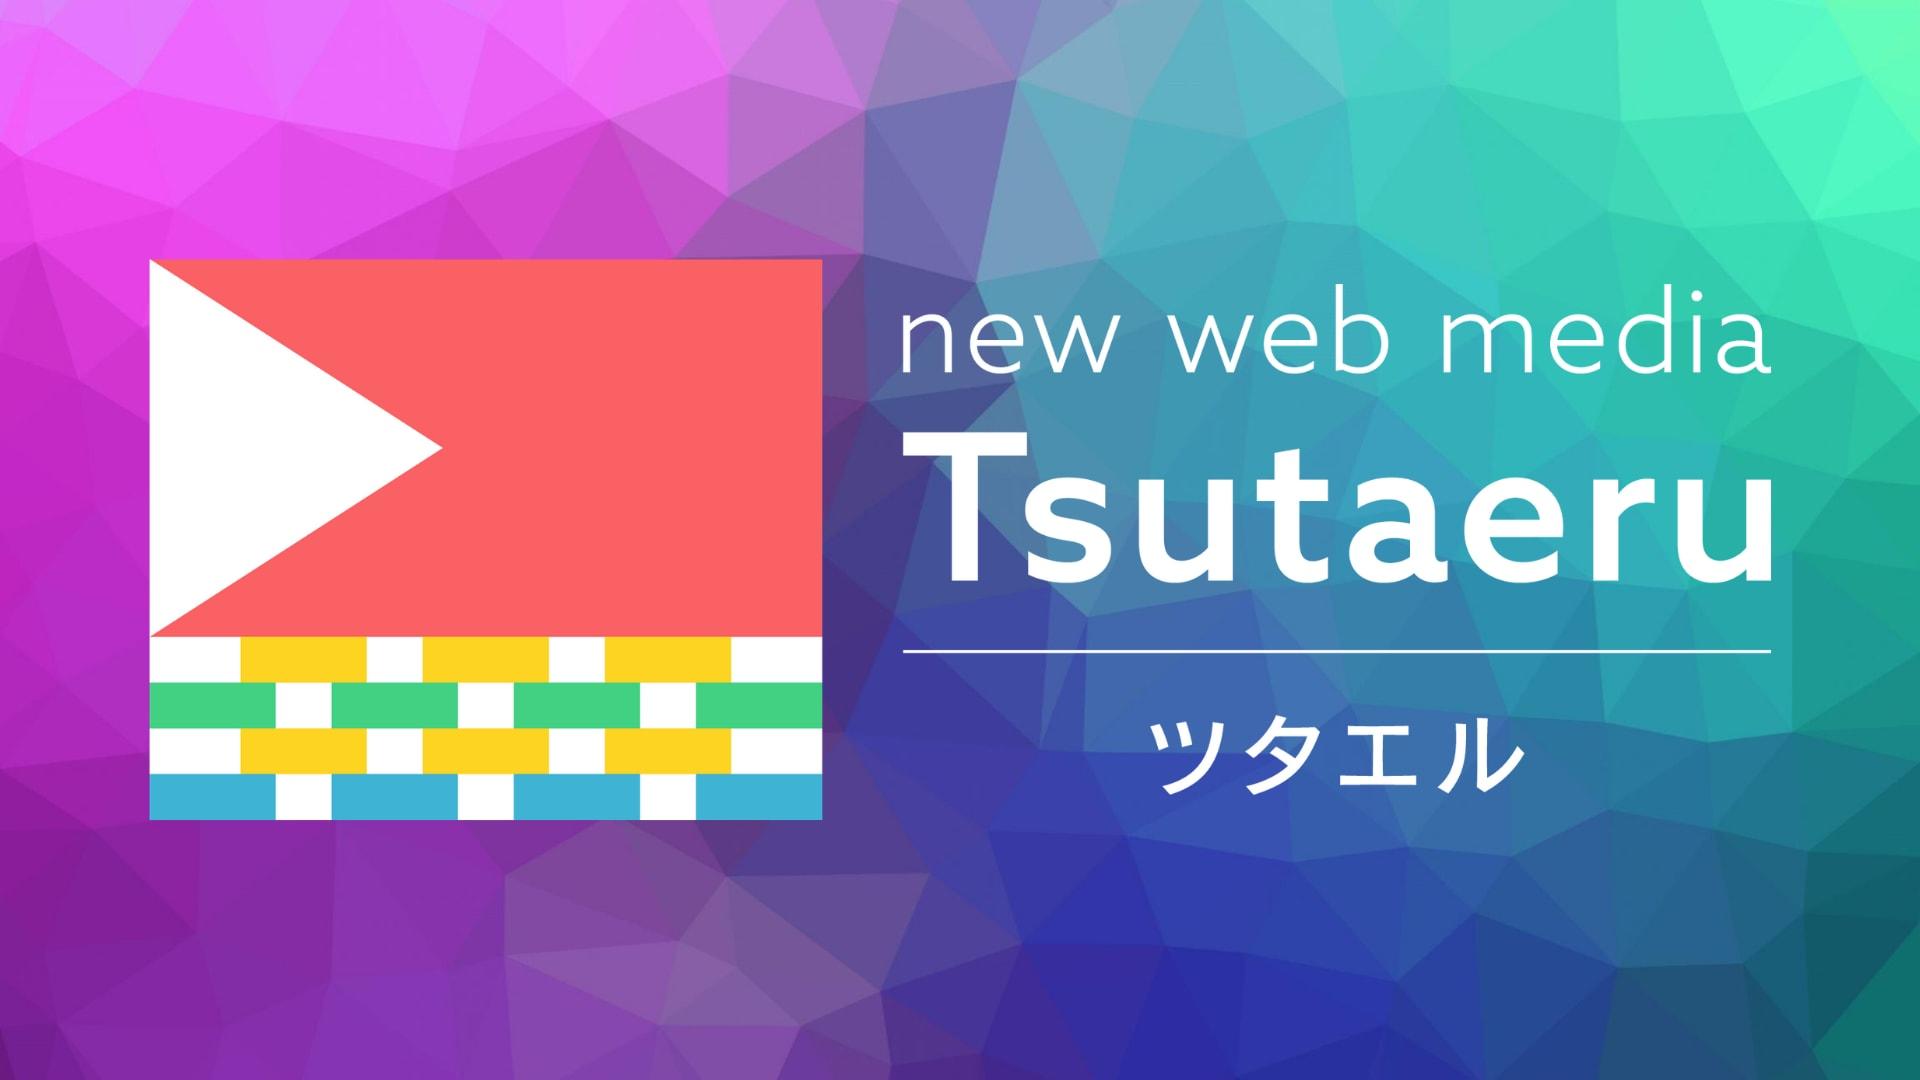 動画を活用したオウンドメディア制作・運用支援サービス「Tsutaeru」をリリースしましたメインビジュアル